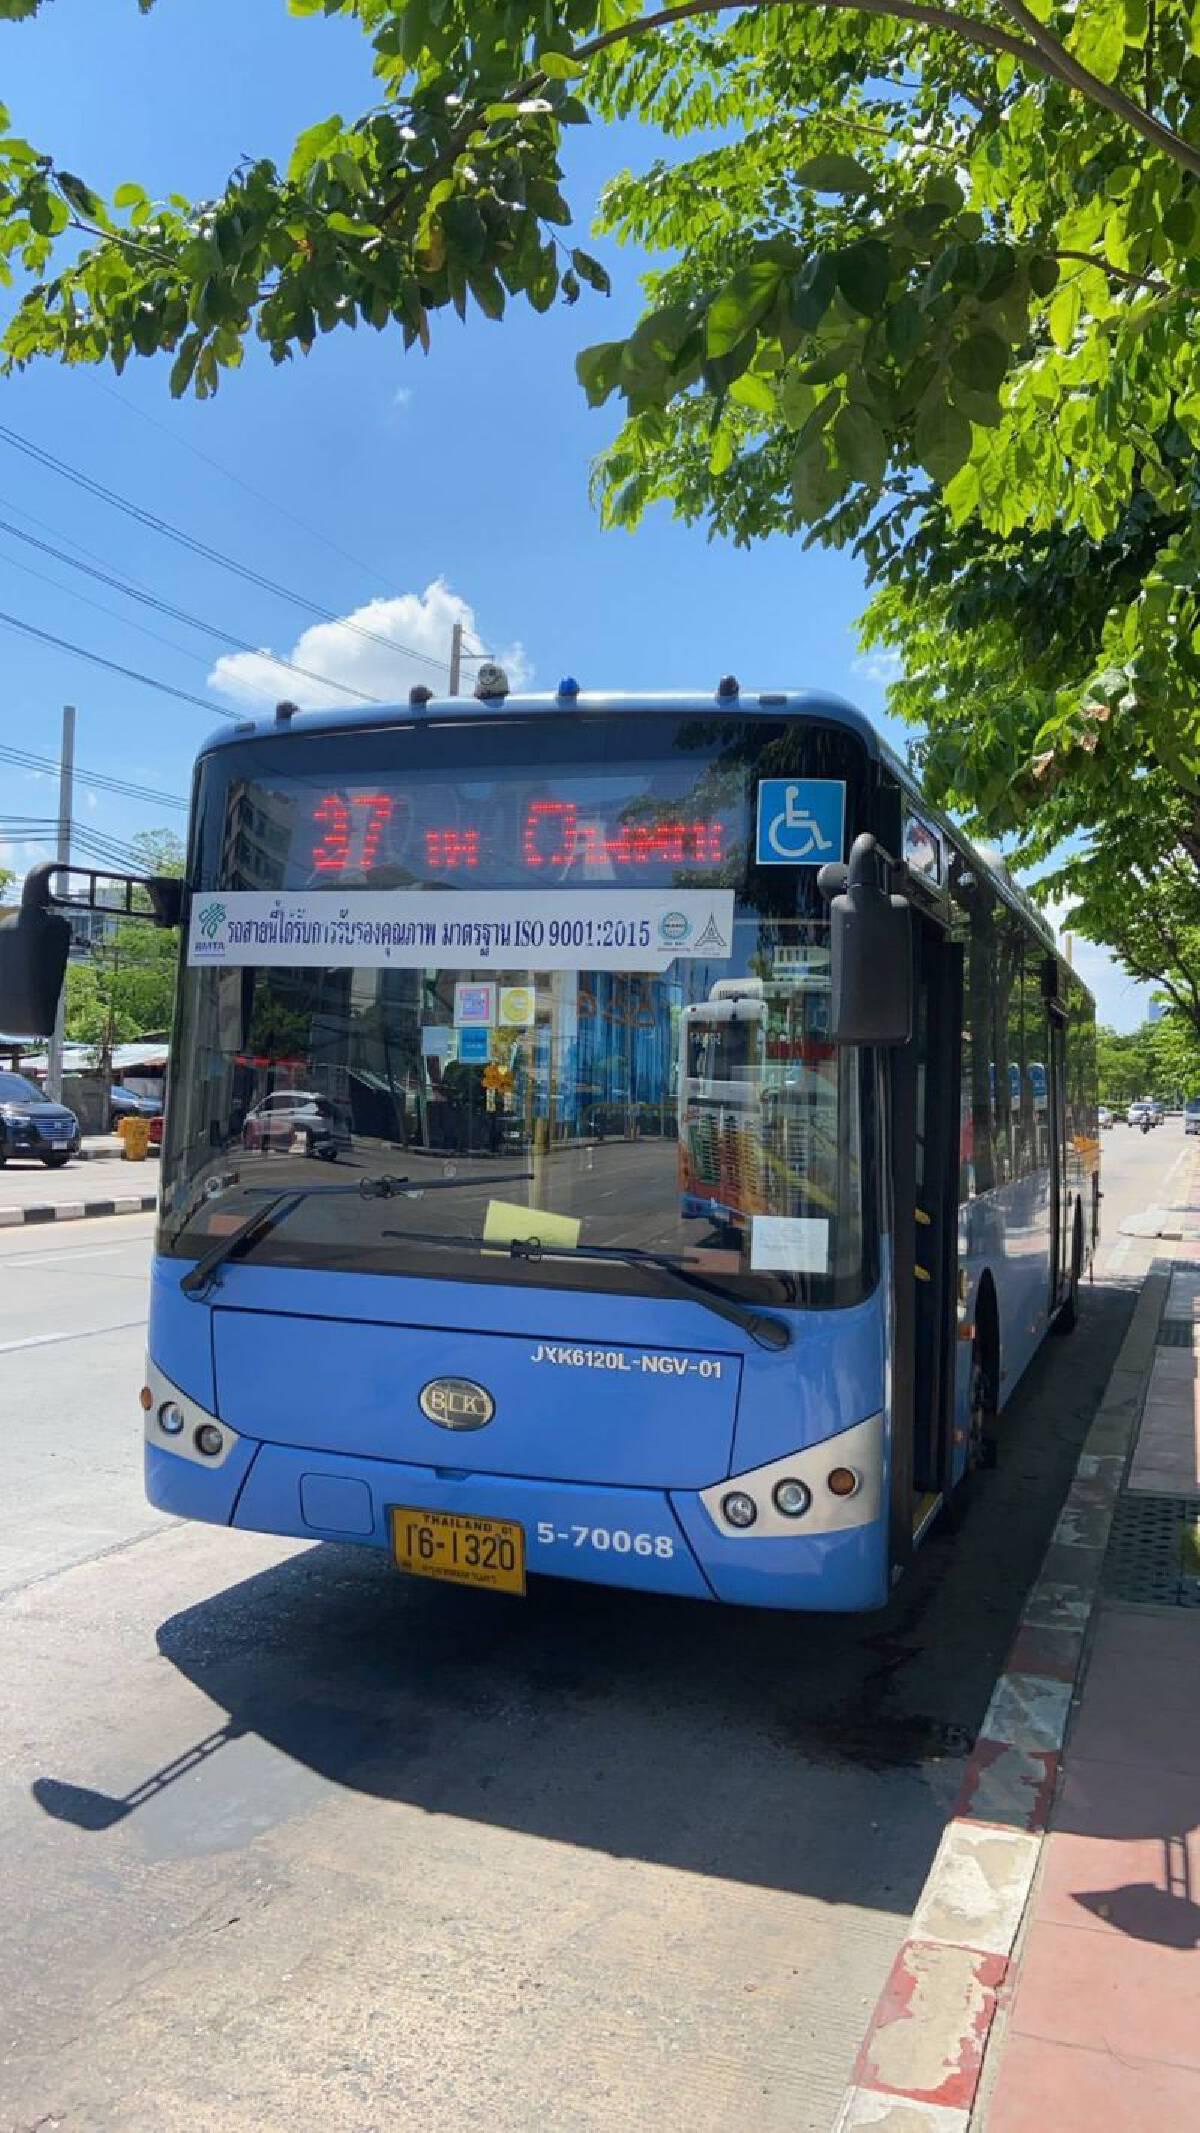 เช็กที่นี่ ขึ้นรถเมล์ 4 เส้นทาง ส่อติดโควิด-19